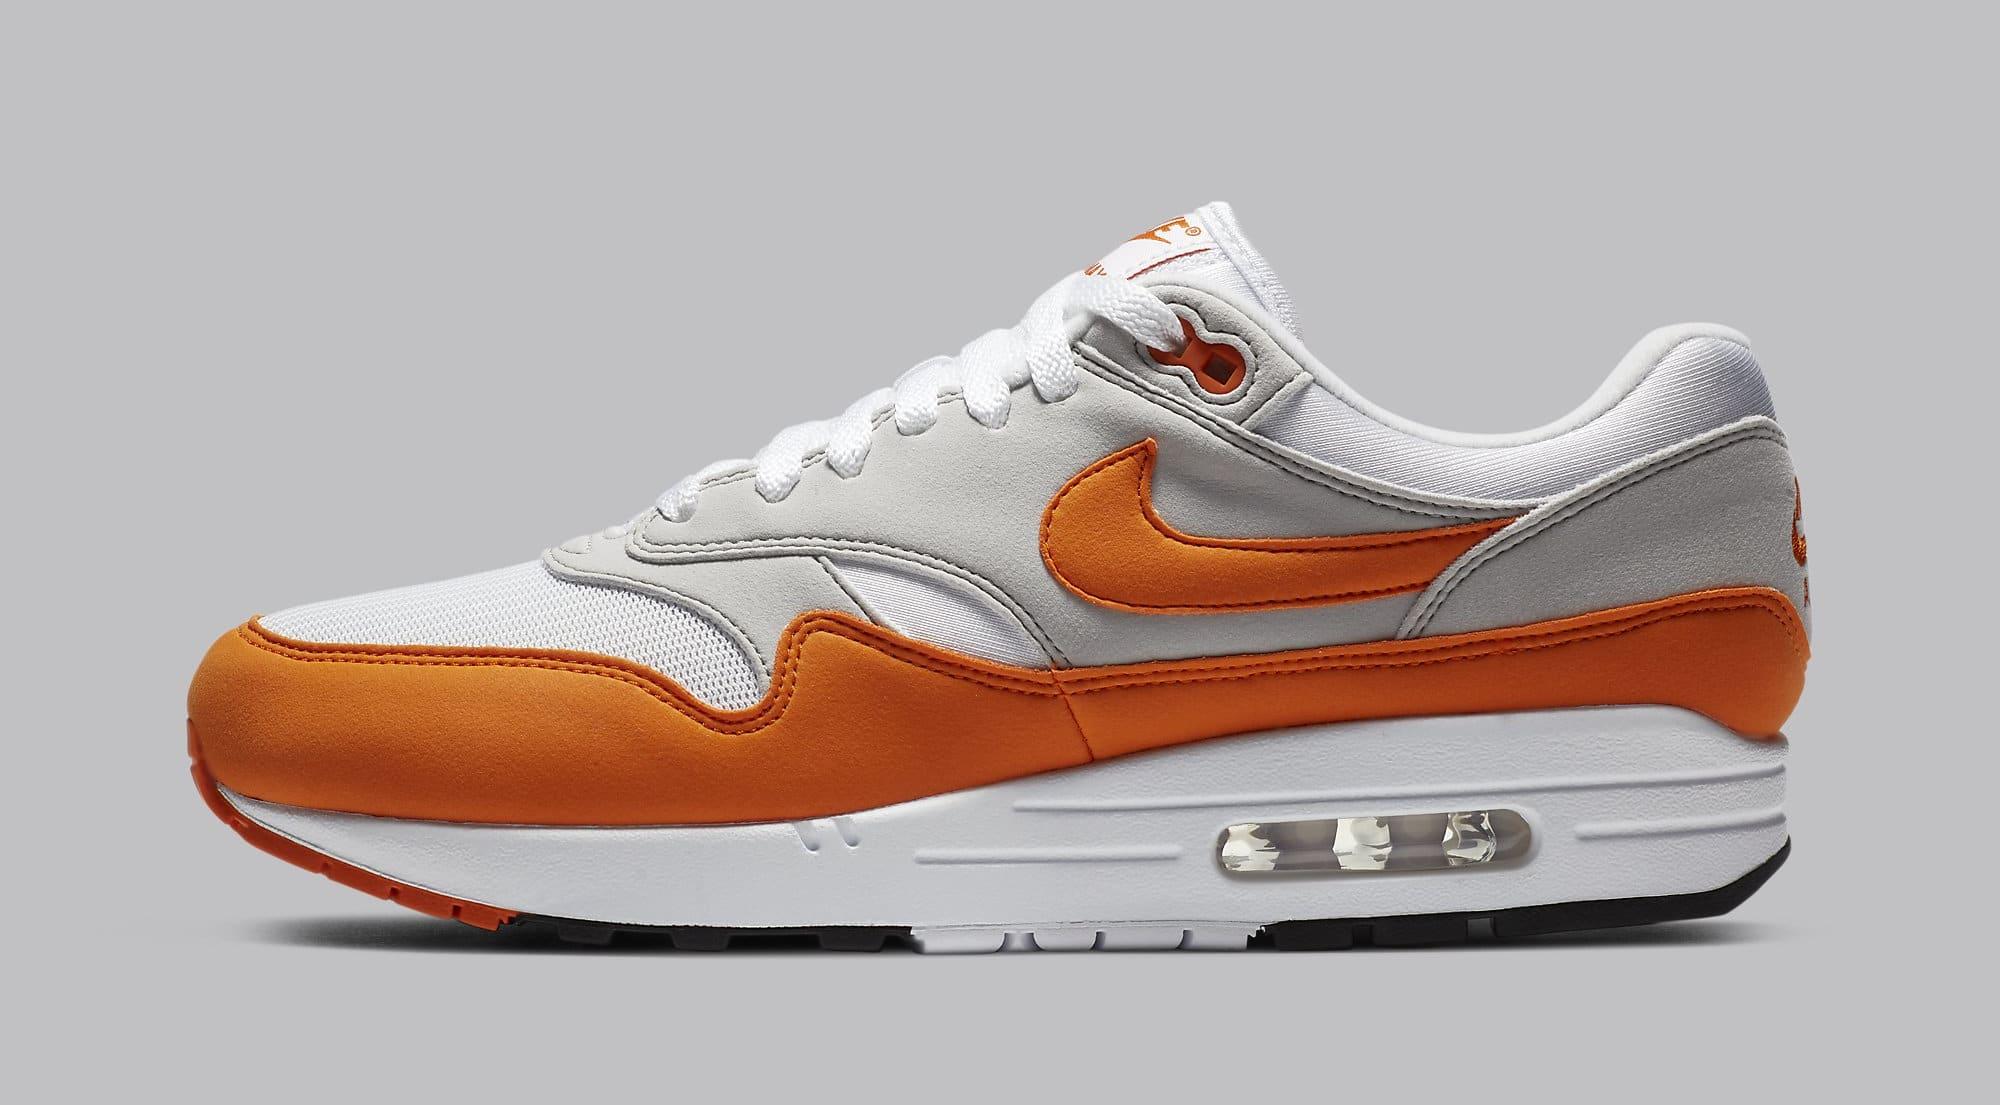 Nike Air Max 1 'Magma Orange' DC1454-101 Lateral